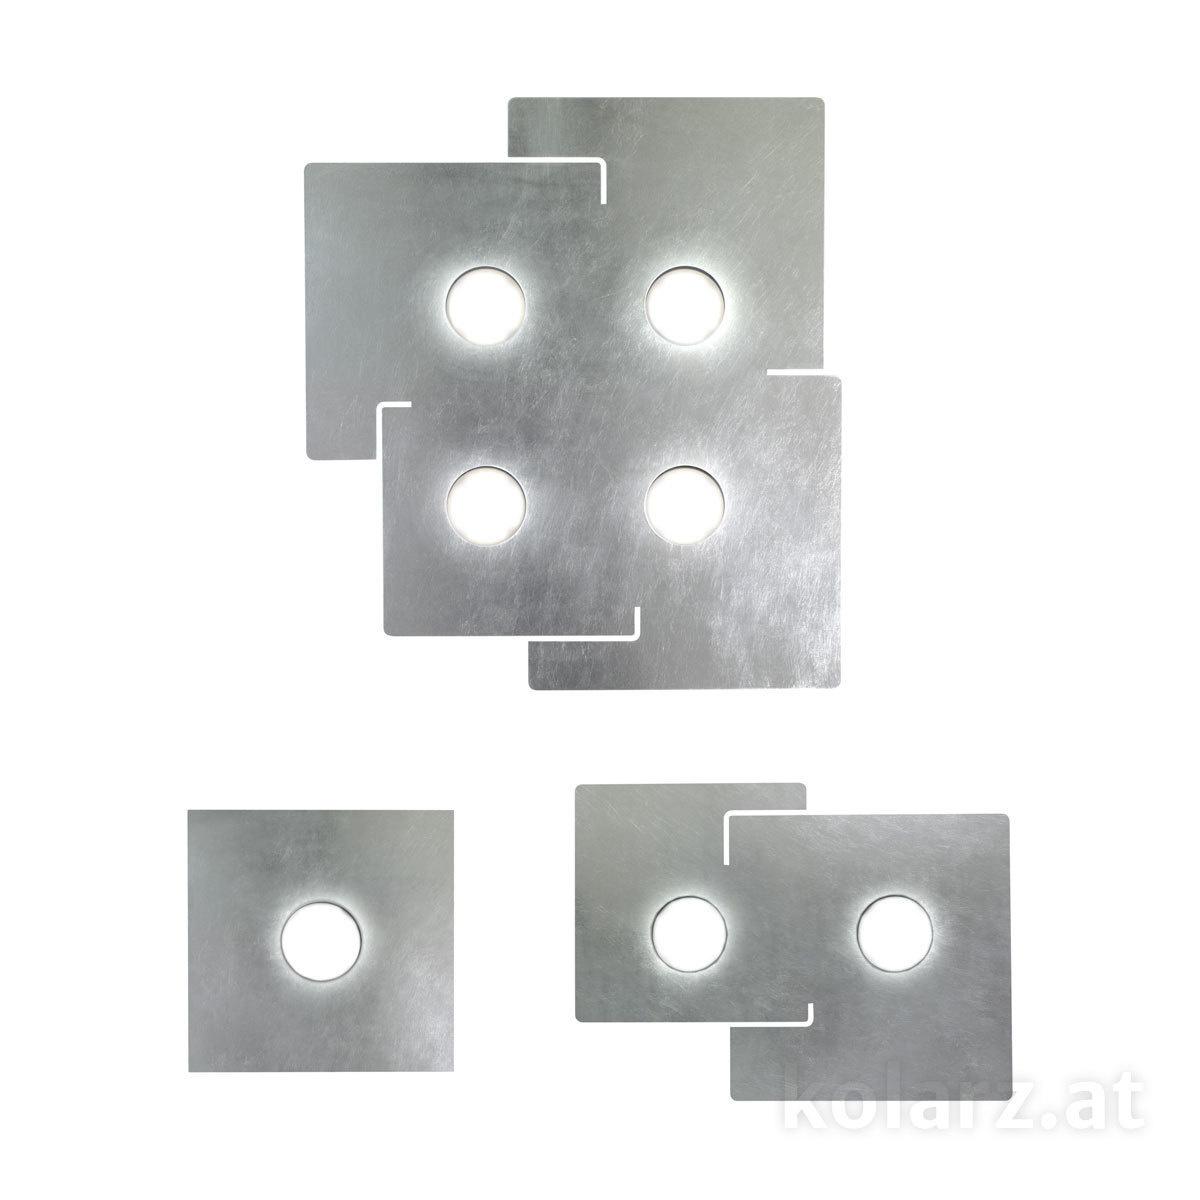 A1337-11-1-Ag-f2.jpg